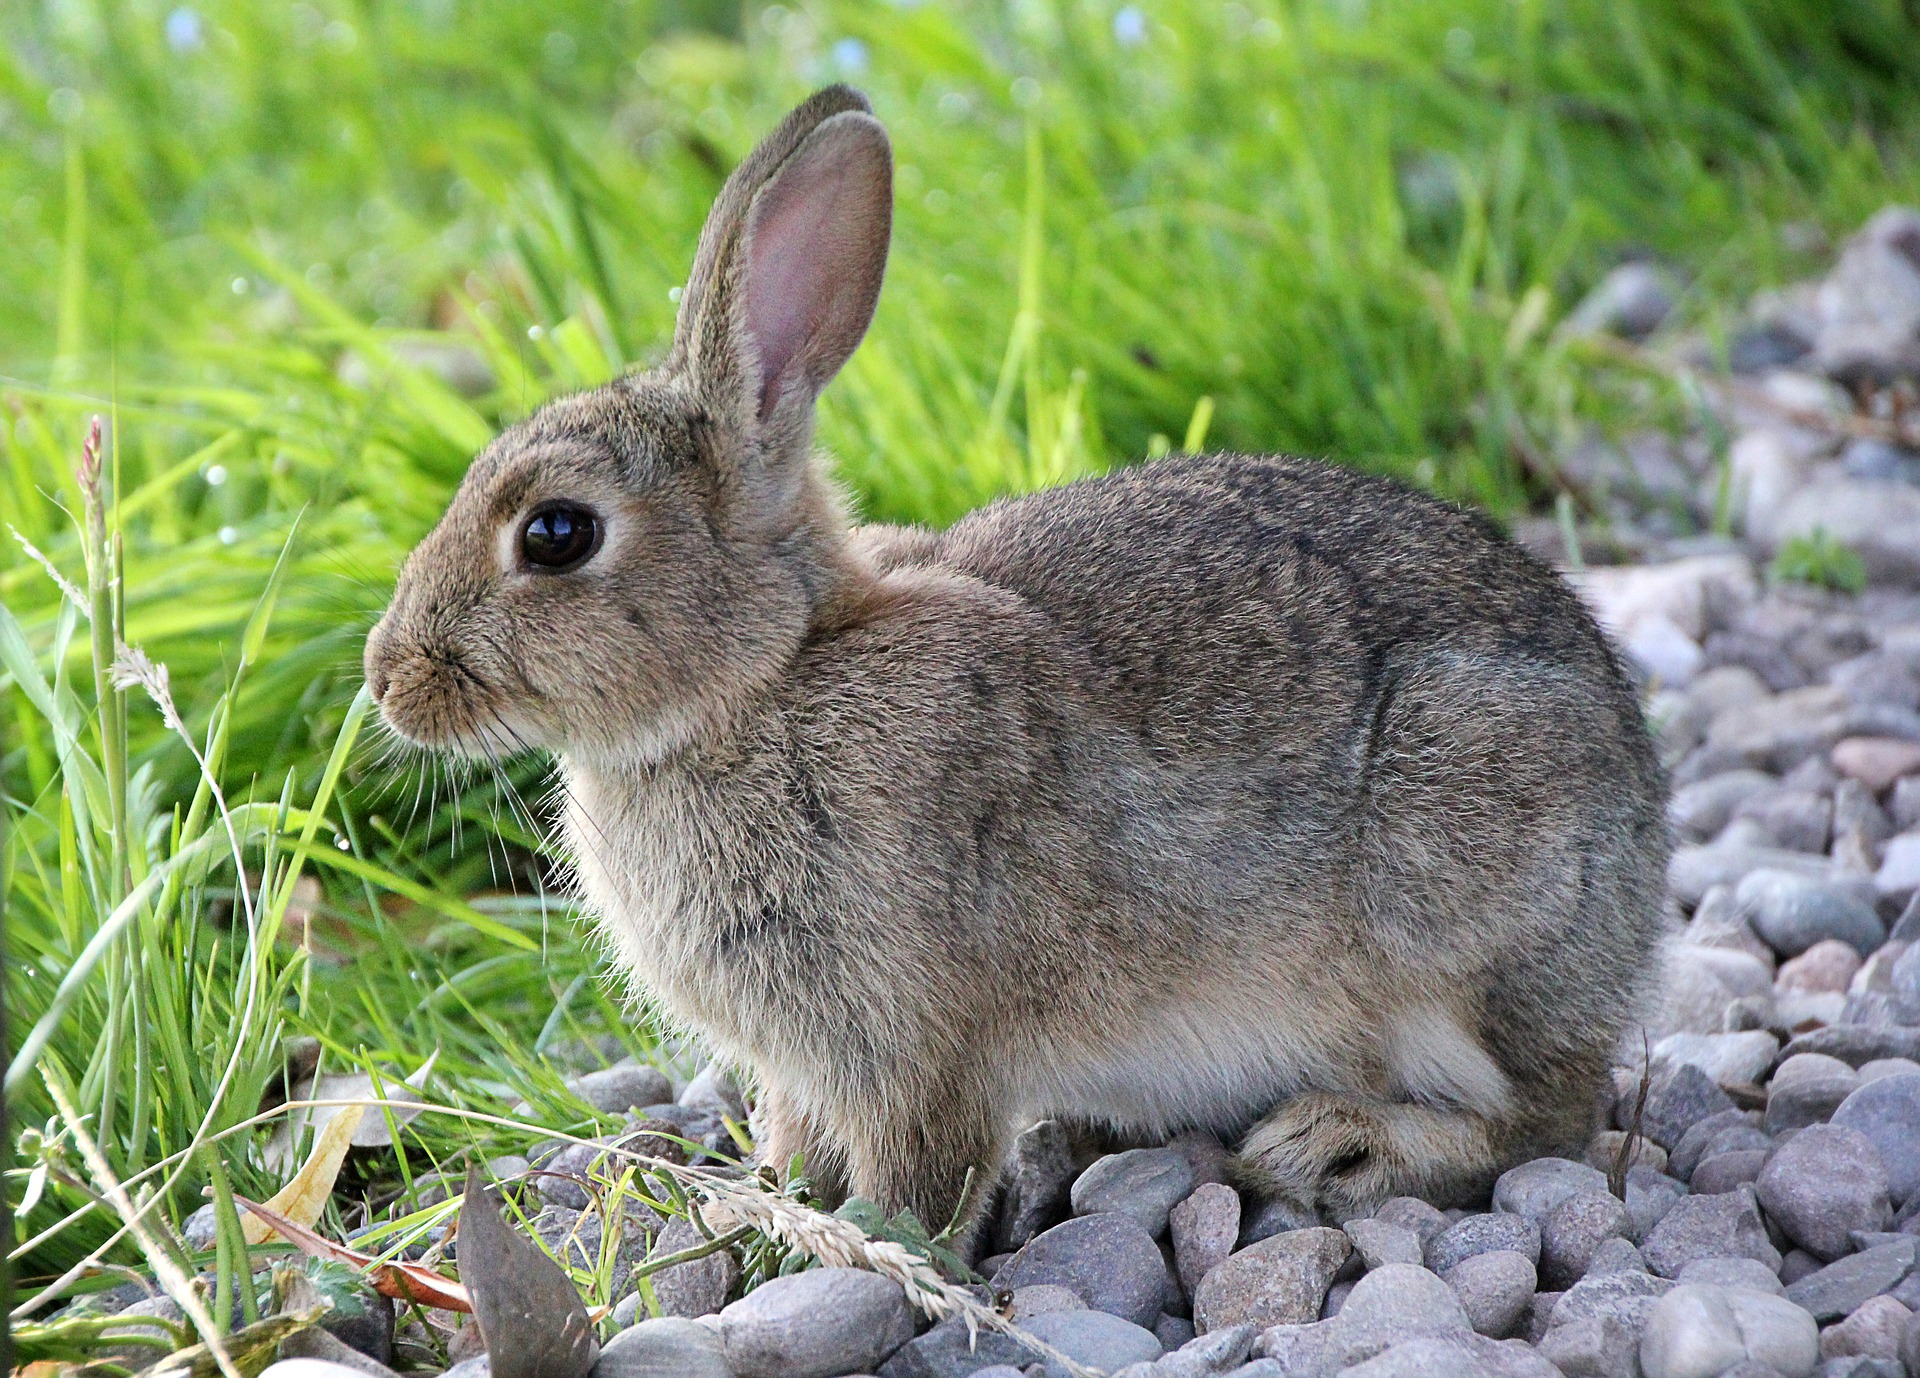 hare-2647220_1920.jpg